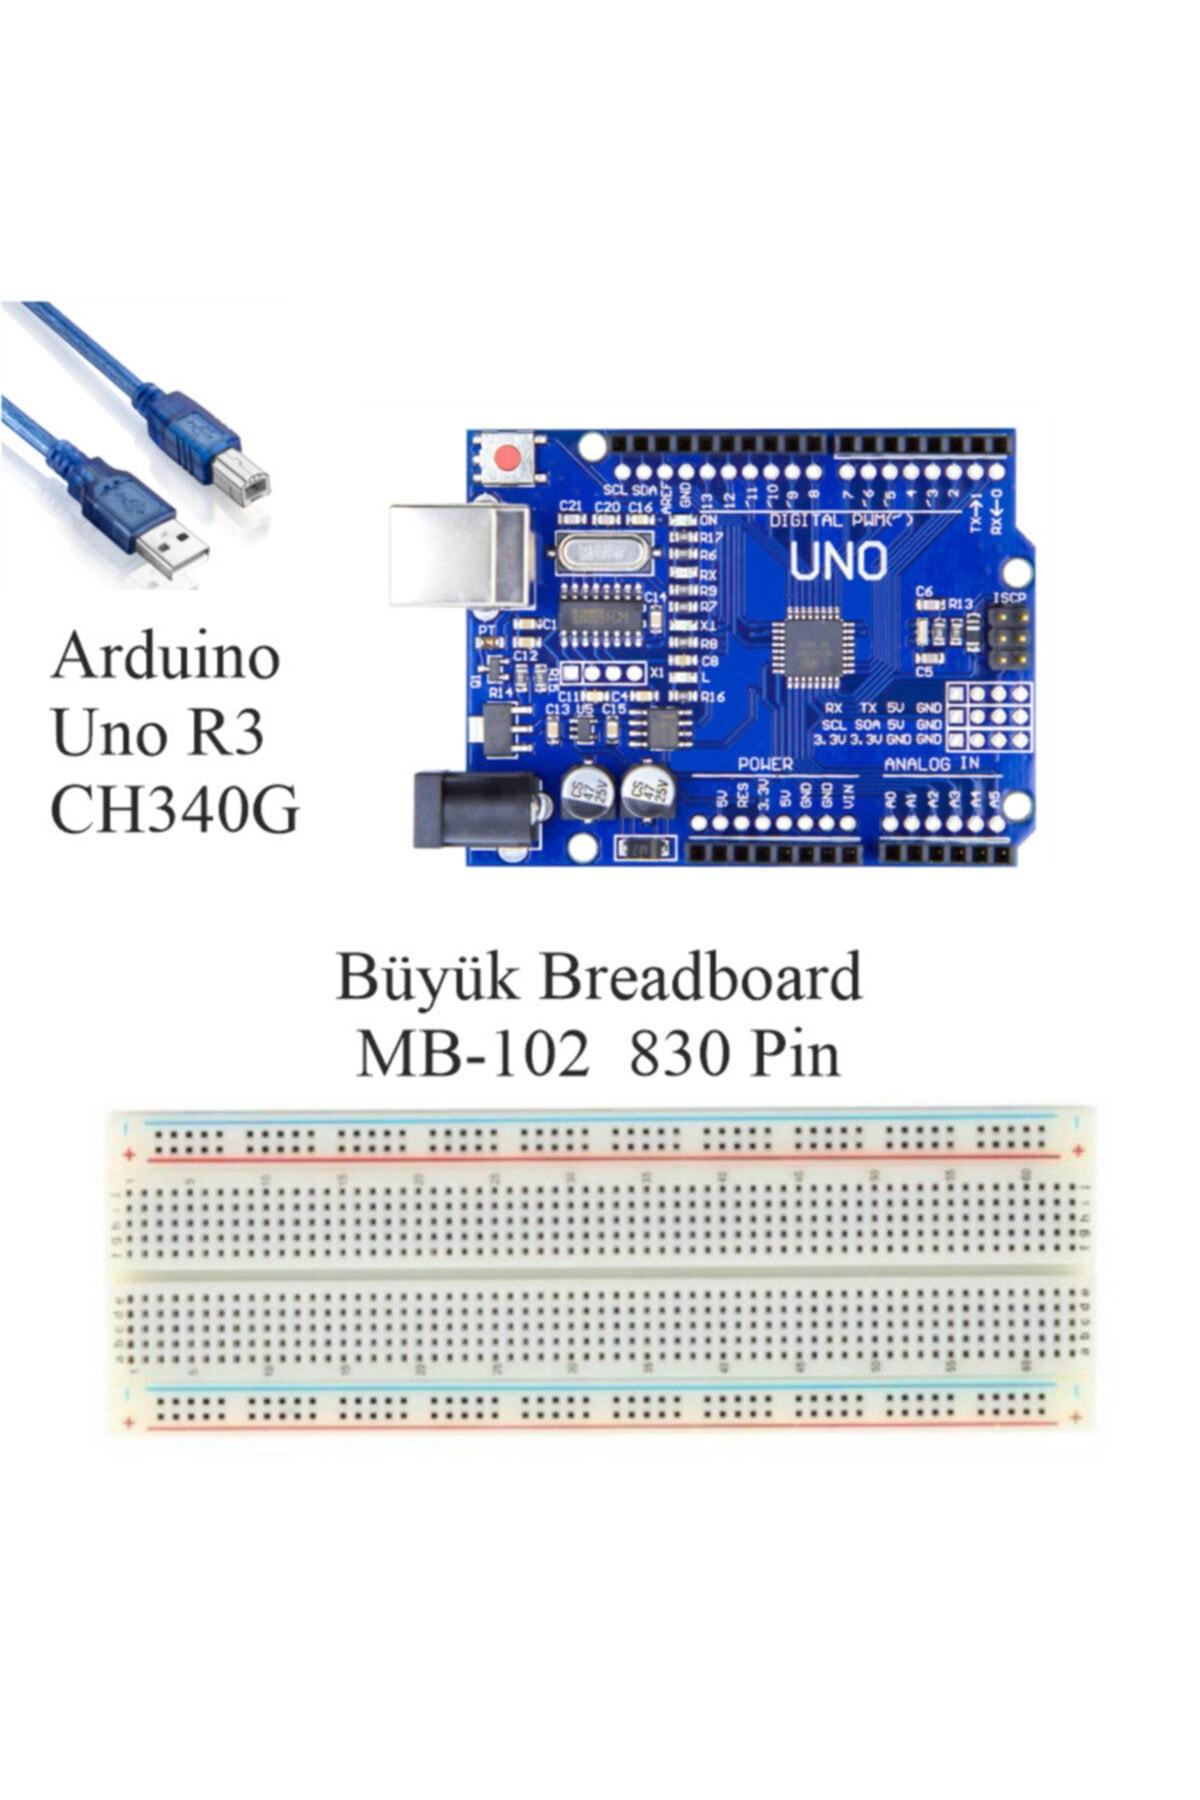 Arduino Başlangıç Seti Uno R3 Kodlamaya Giriş 38 Parça 141 Adet -- 2